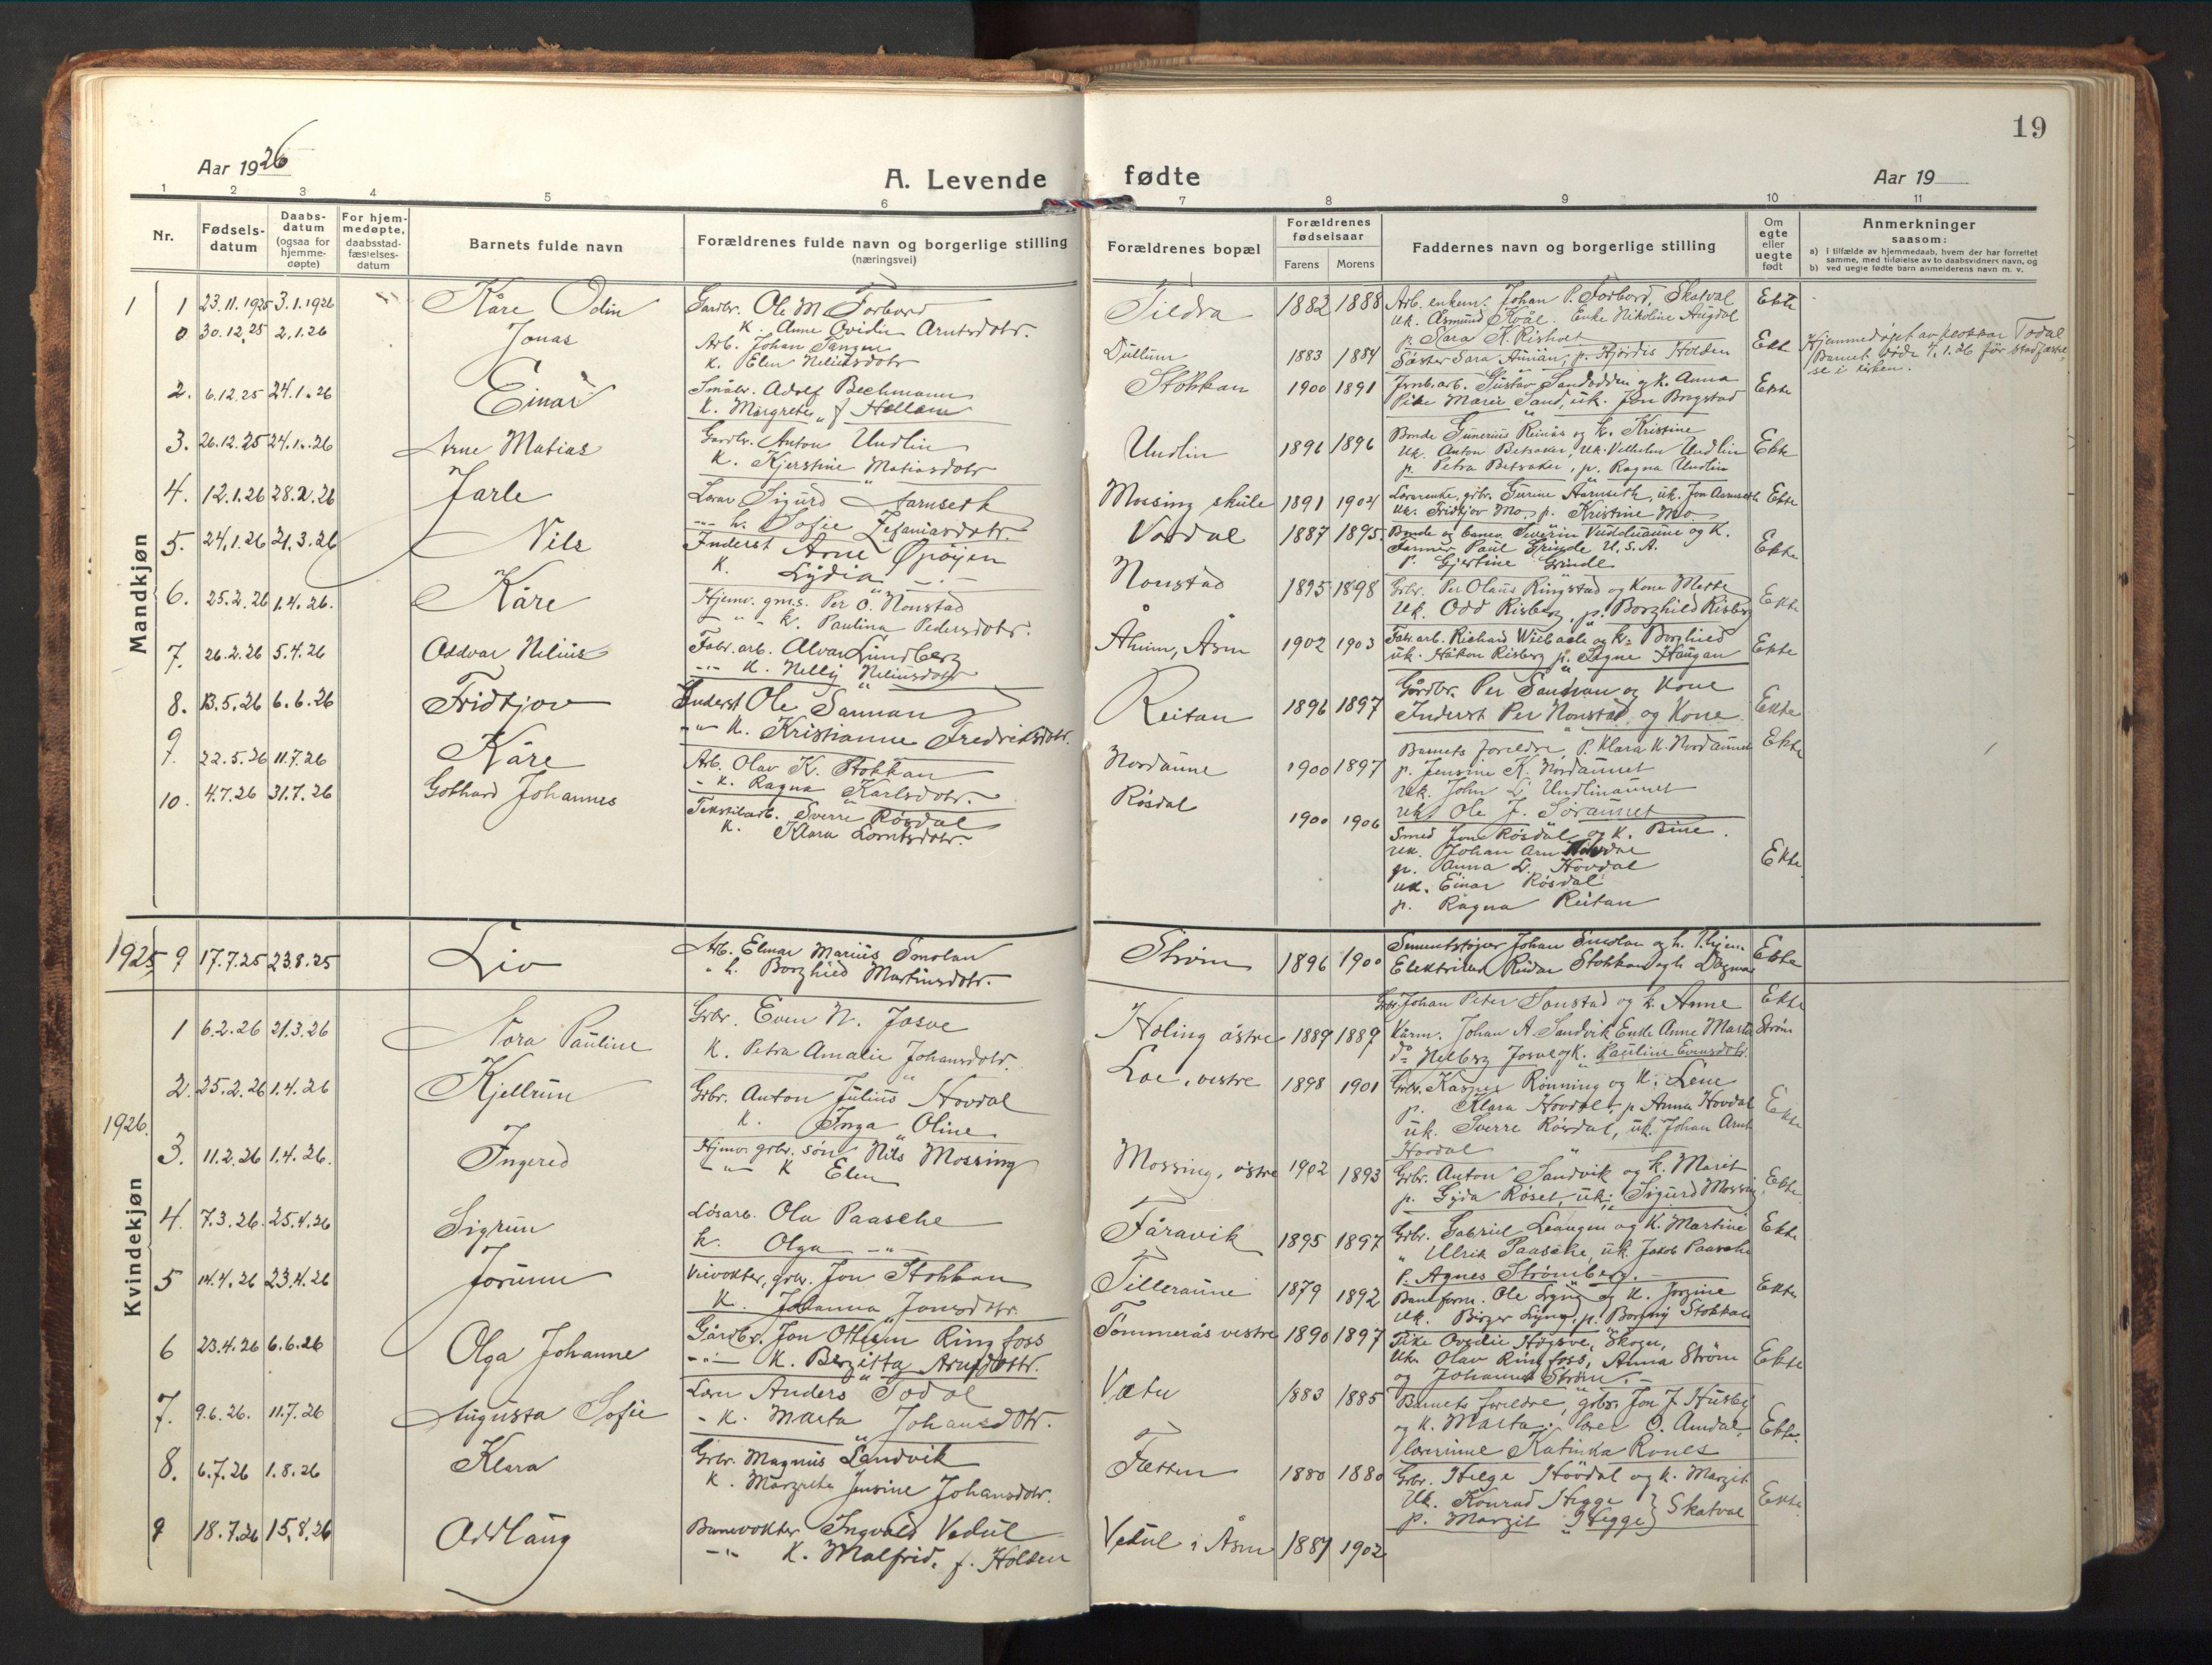 SAT, Ministerialprotokoller, klokkerbøker og fødselsregistre - Nord-Trøndelag, 714/L0136: Klokkerbok nr. 714C05, 1918-1957, s. 19